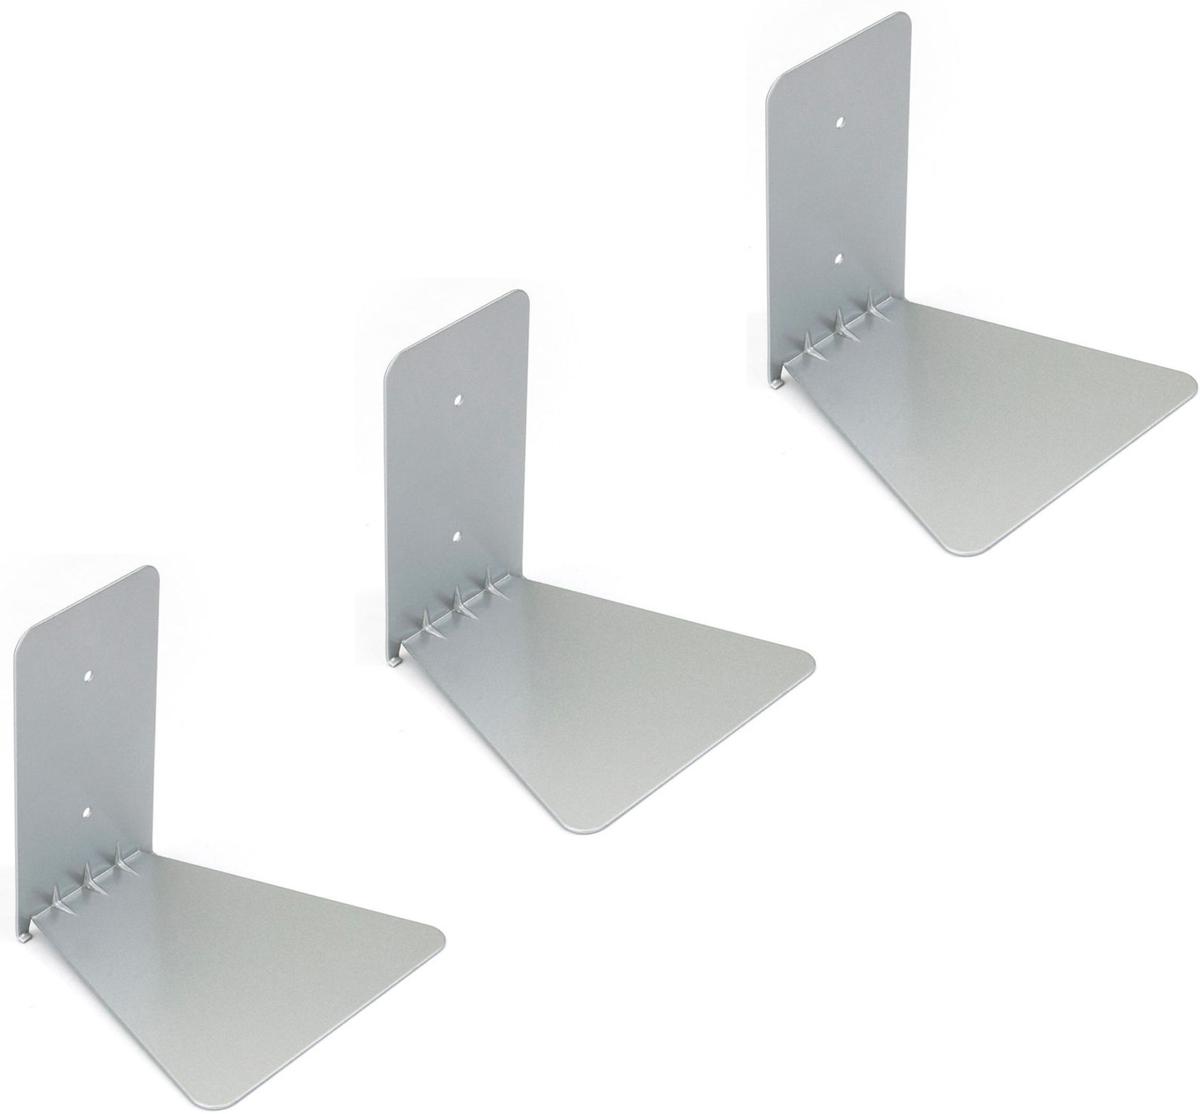 Набор полок Umbra Conceal, цвет: стальной, 3 шт цена